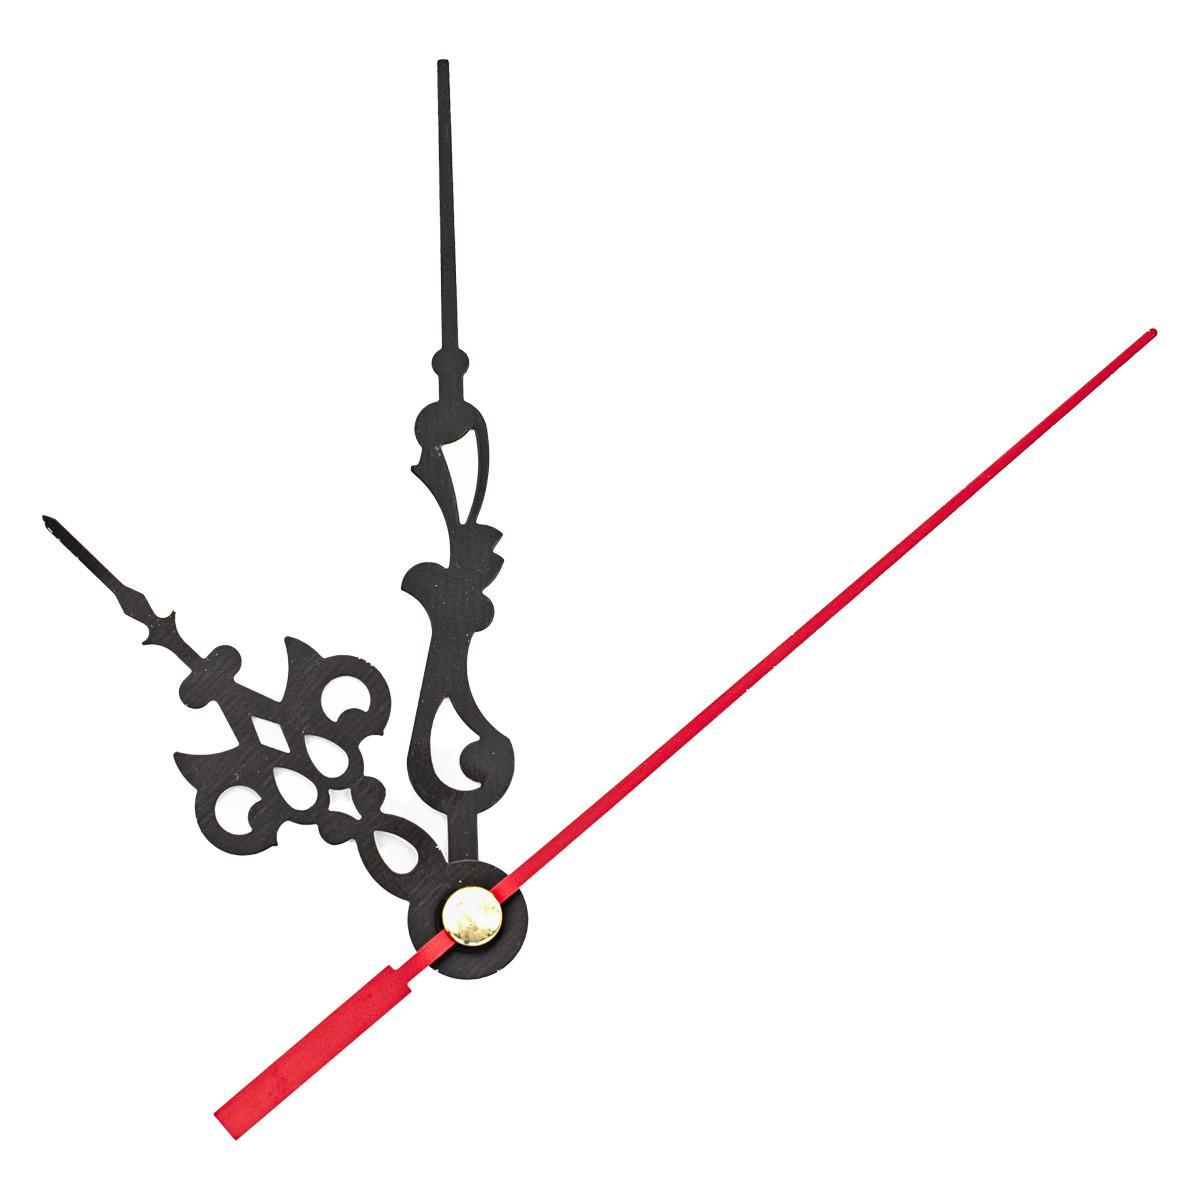 Набор стрелок часовых, 58/87/90 мм, 3 штуки, цвет красный (арт. 5AS-069)